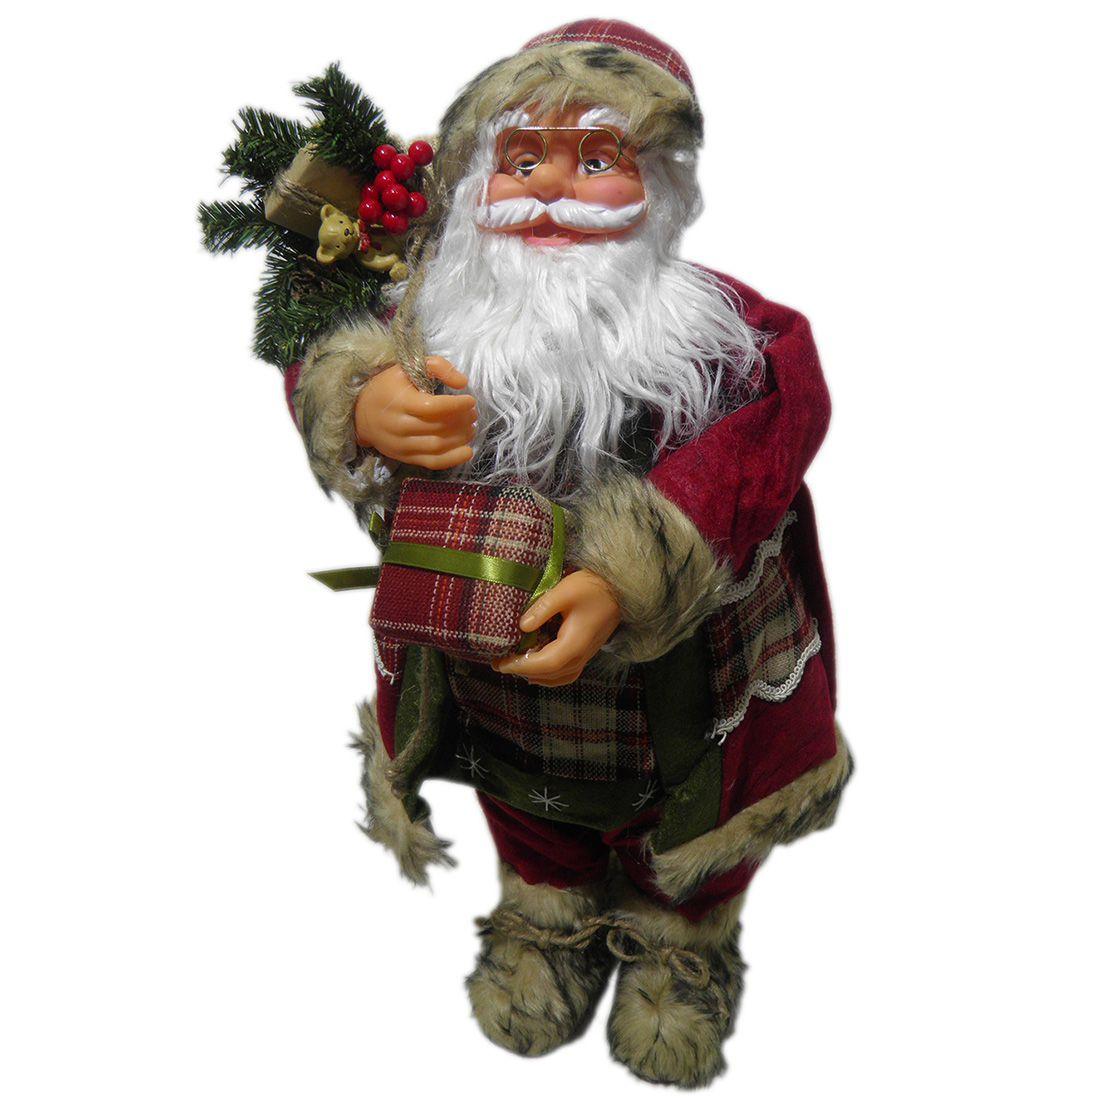 Papai Noel de Luxo Natal Boneco Natalino 65cm Decoracao Presente